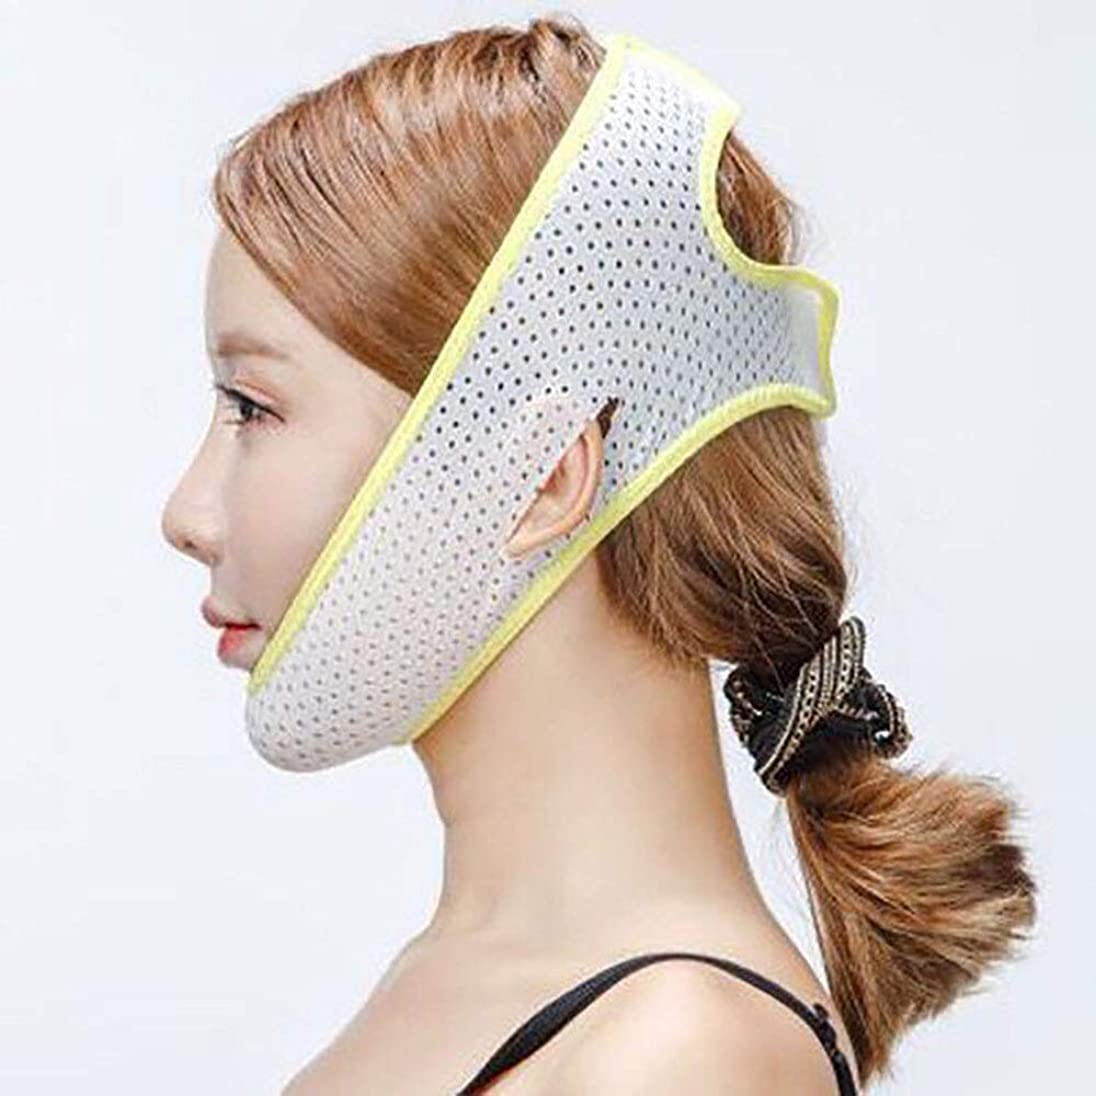 十代子羊プランテーションVフェイス包帯マスク、睡眠薄い顔アーティファクトフェイスリフトベルトライン彫刻回復包帯物理的な持ち上がる二重あごツール,Yellow